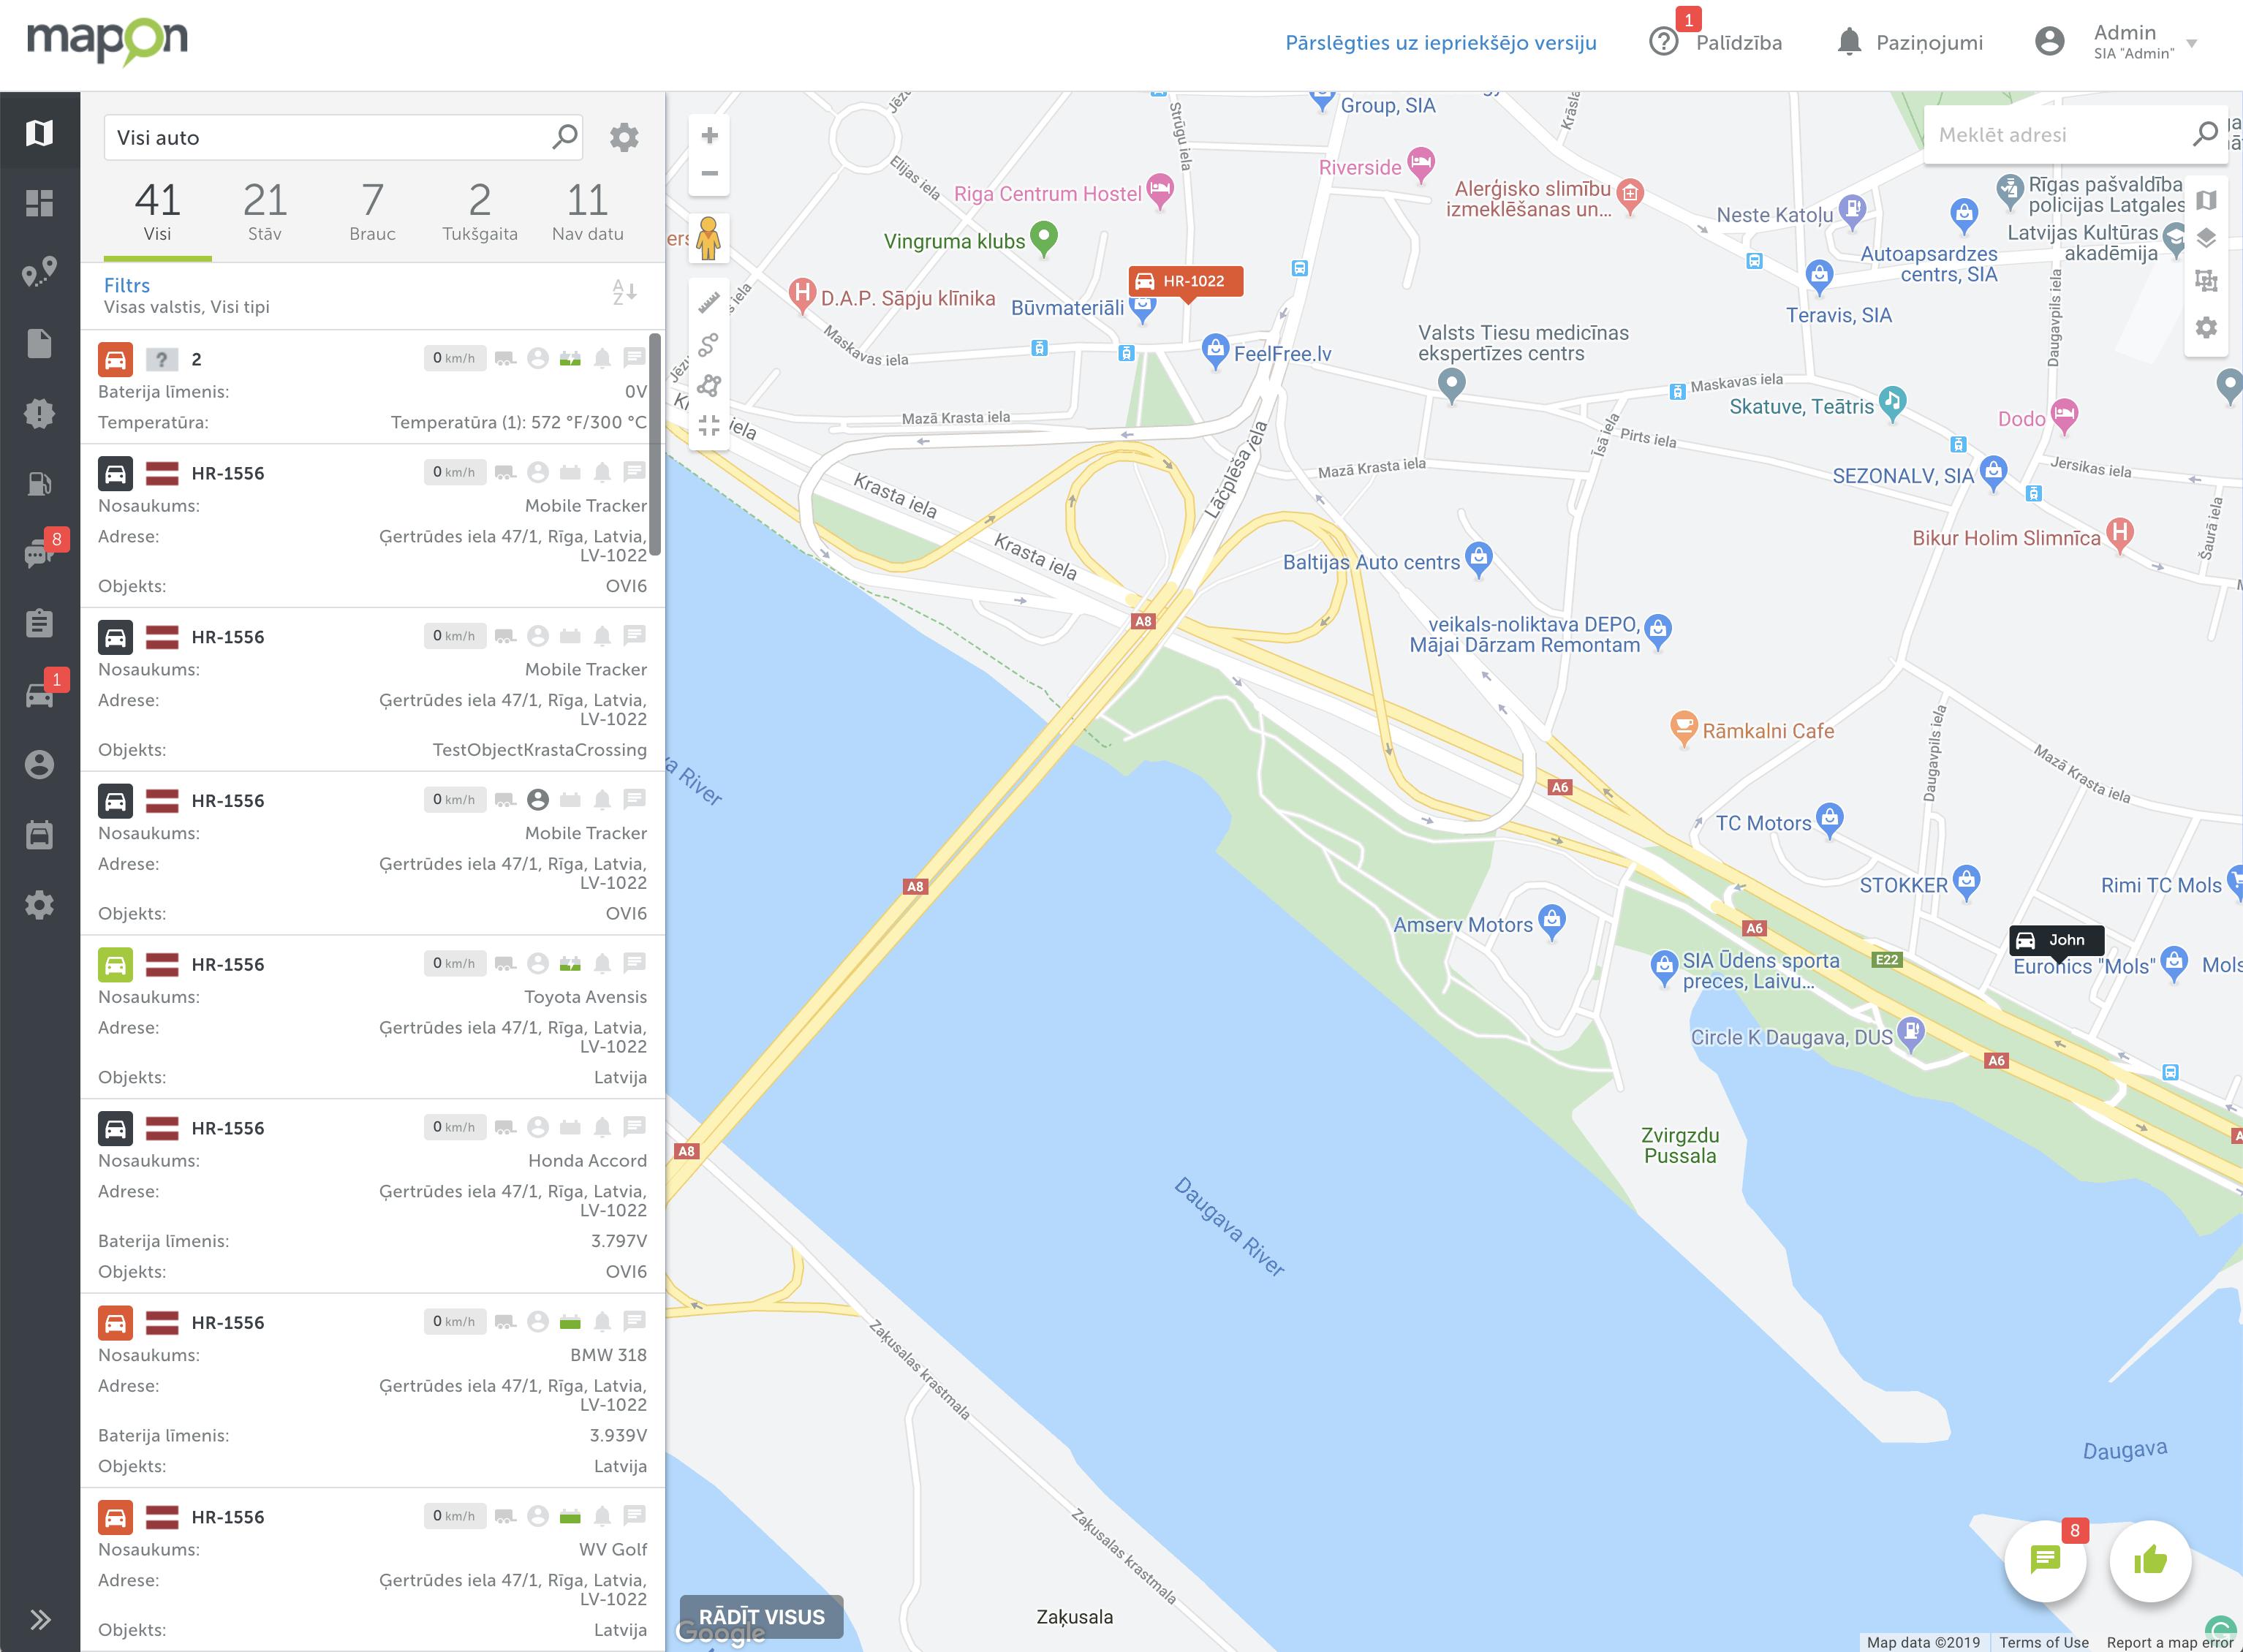 Mapon kartes sadaļa